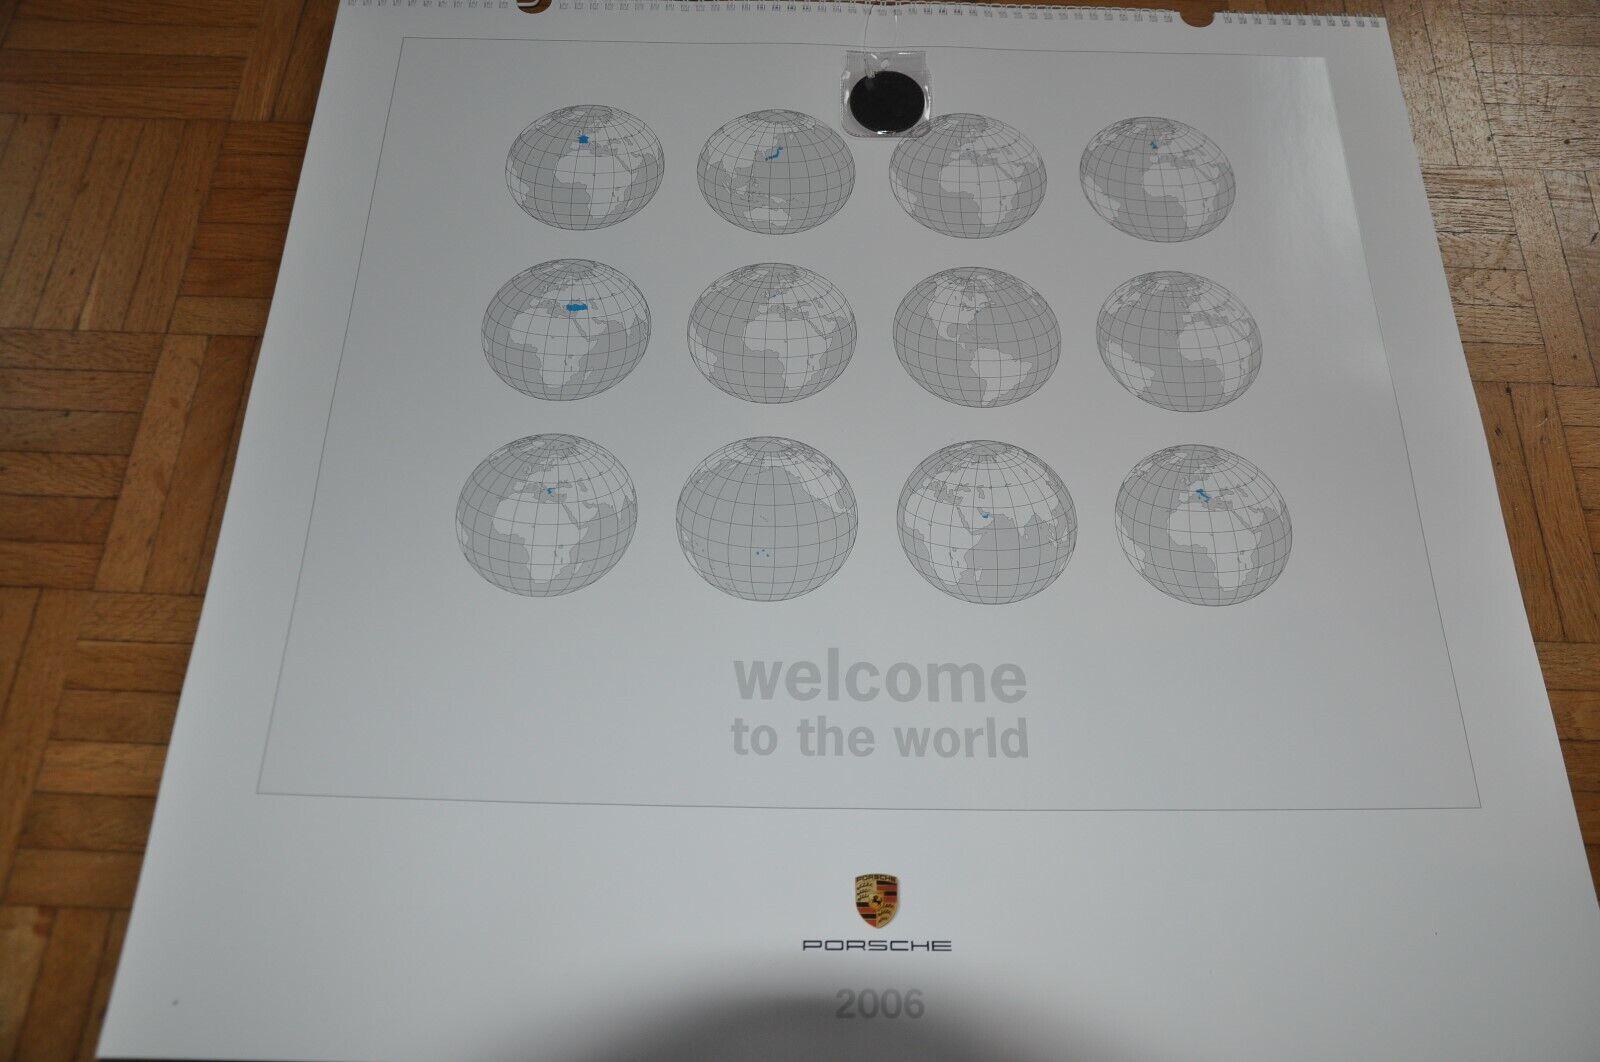 Porsche Kalender 2006 welcome to the world - NEU - unbenutzt- | Große Ausverkauf  | Ausgezeichnete Qualität  | Glücklicher Startpunkt